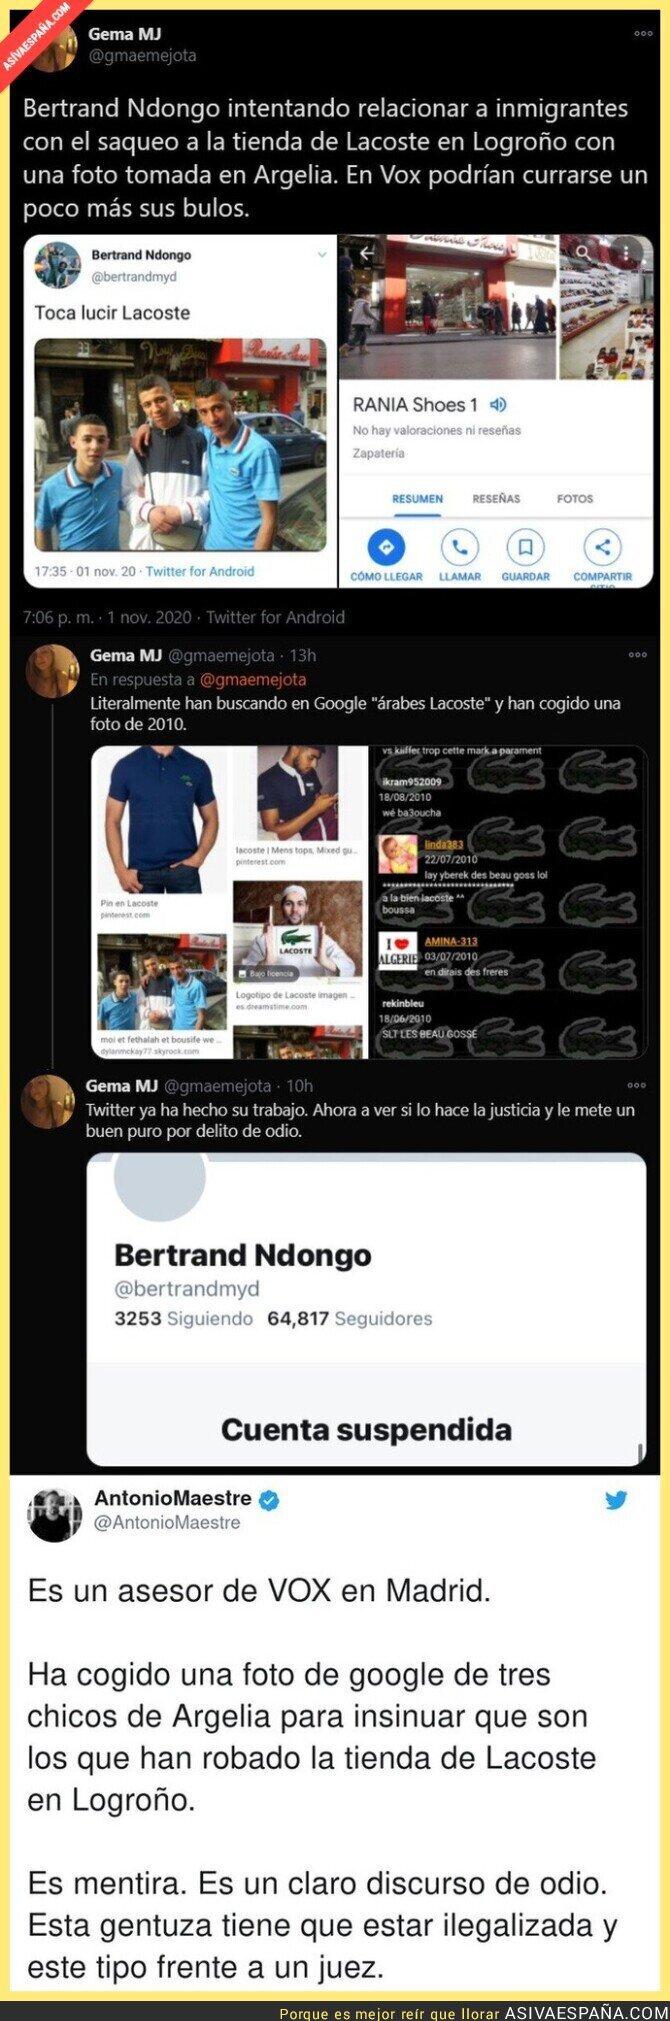 445082 - Twitter le suspende la cuenta de Bertrand Ndongo (VOX) tras difundir estos mensajes sobre unos chicos jóvenes